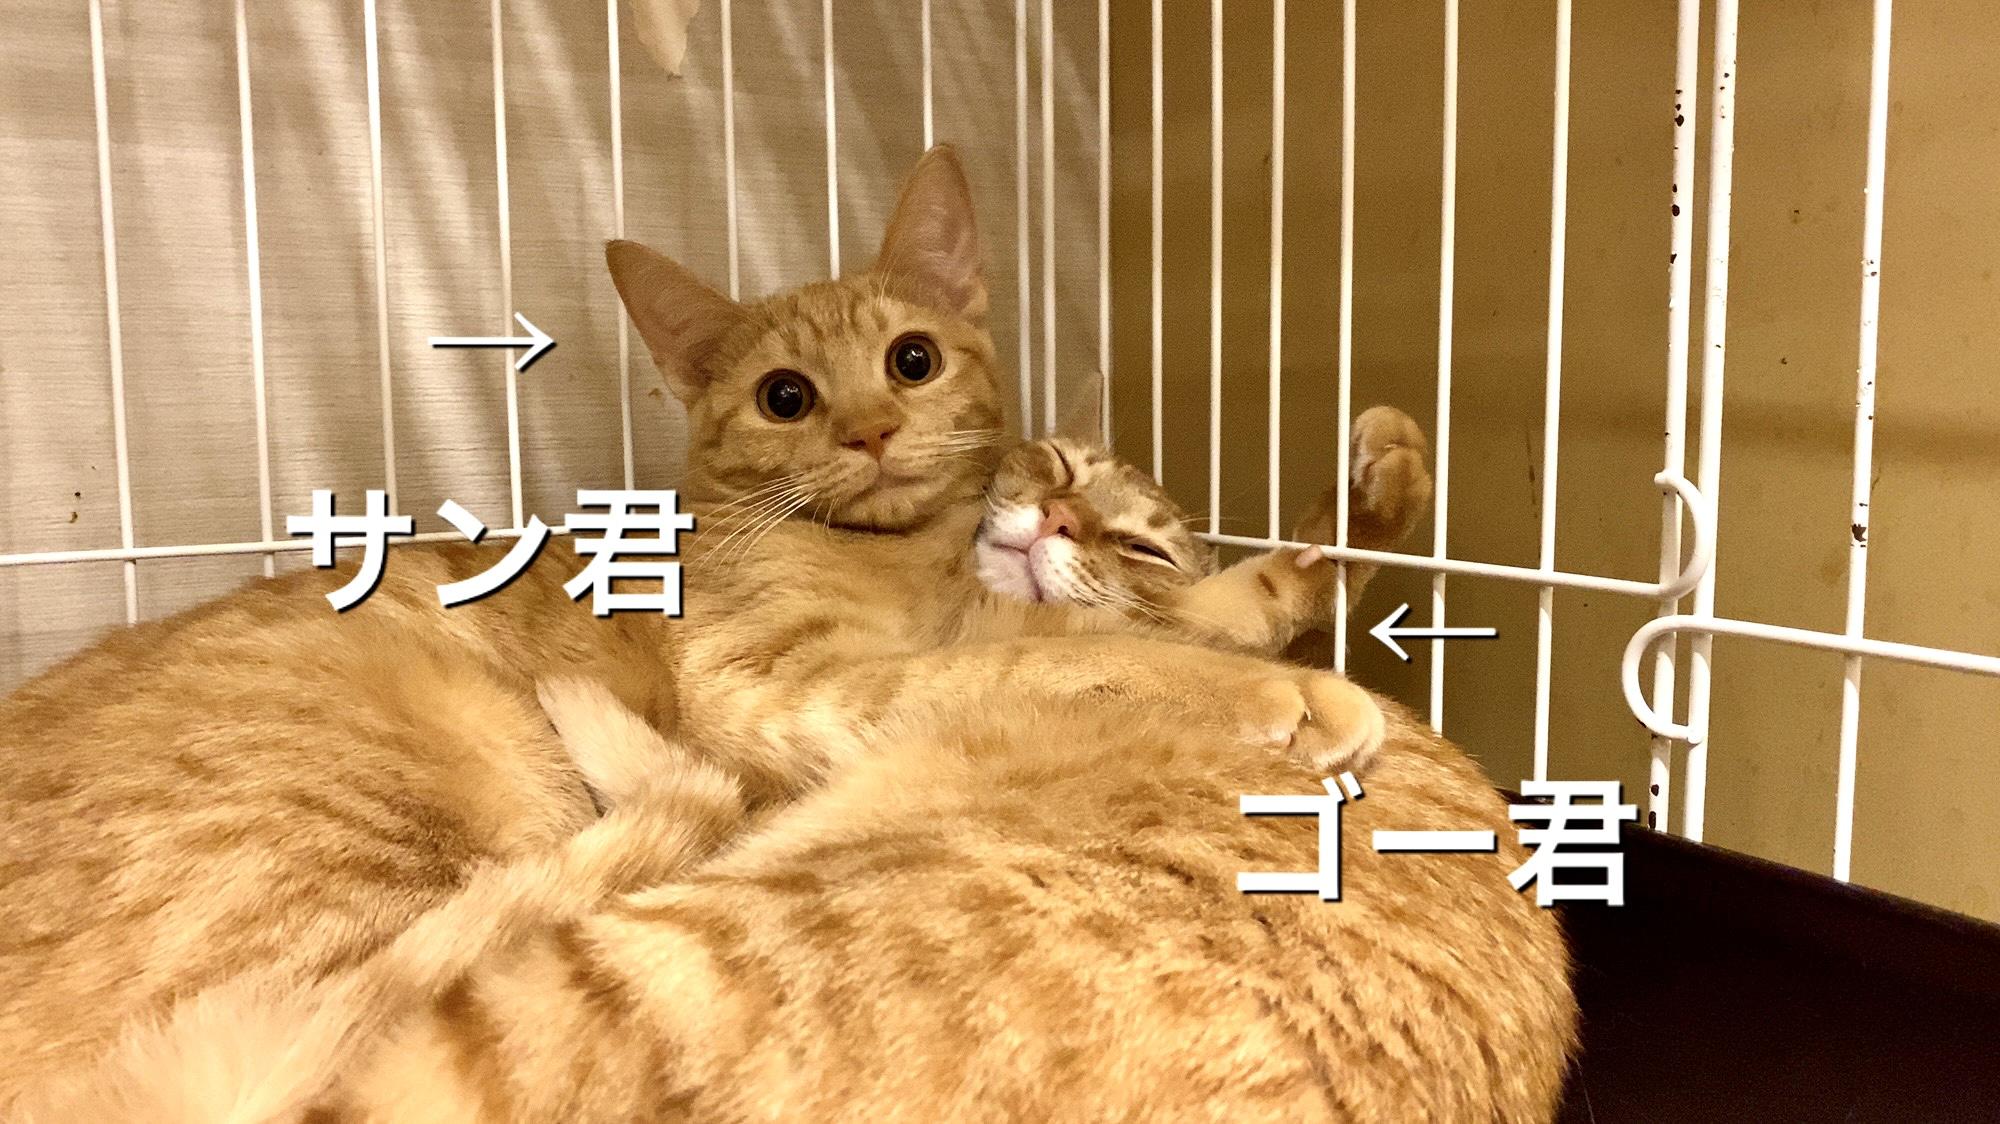 新入り猫さん!サン君&ゴー君!